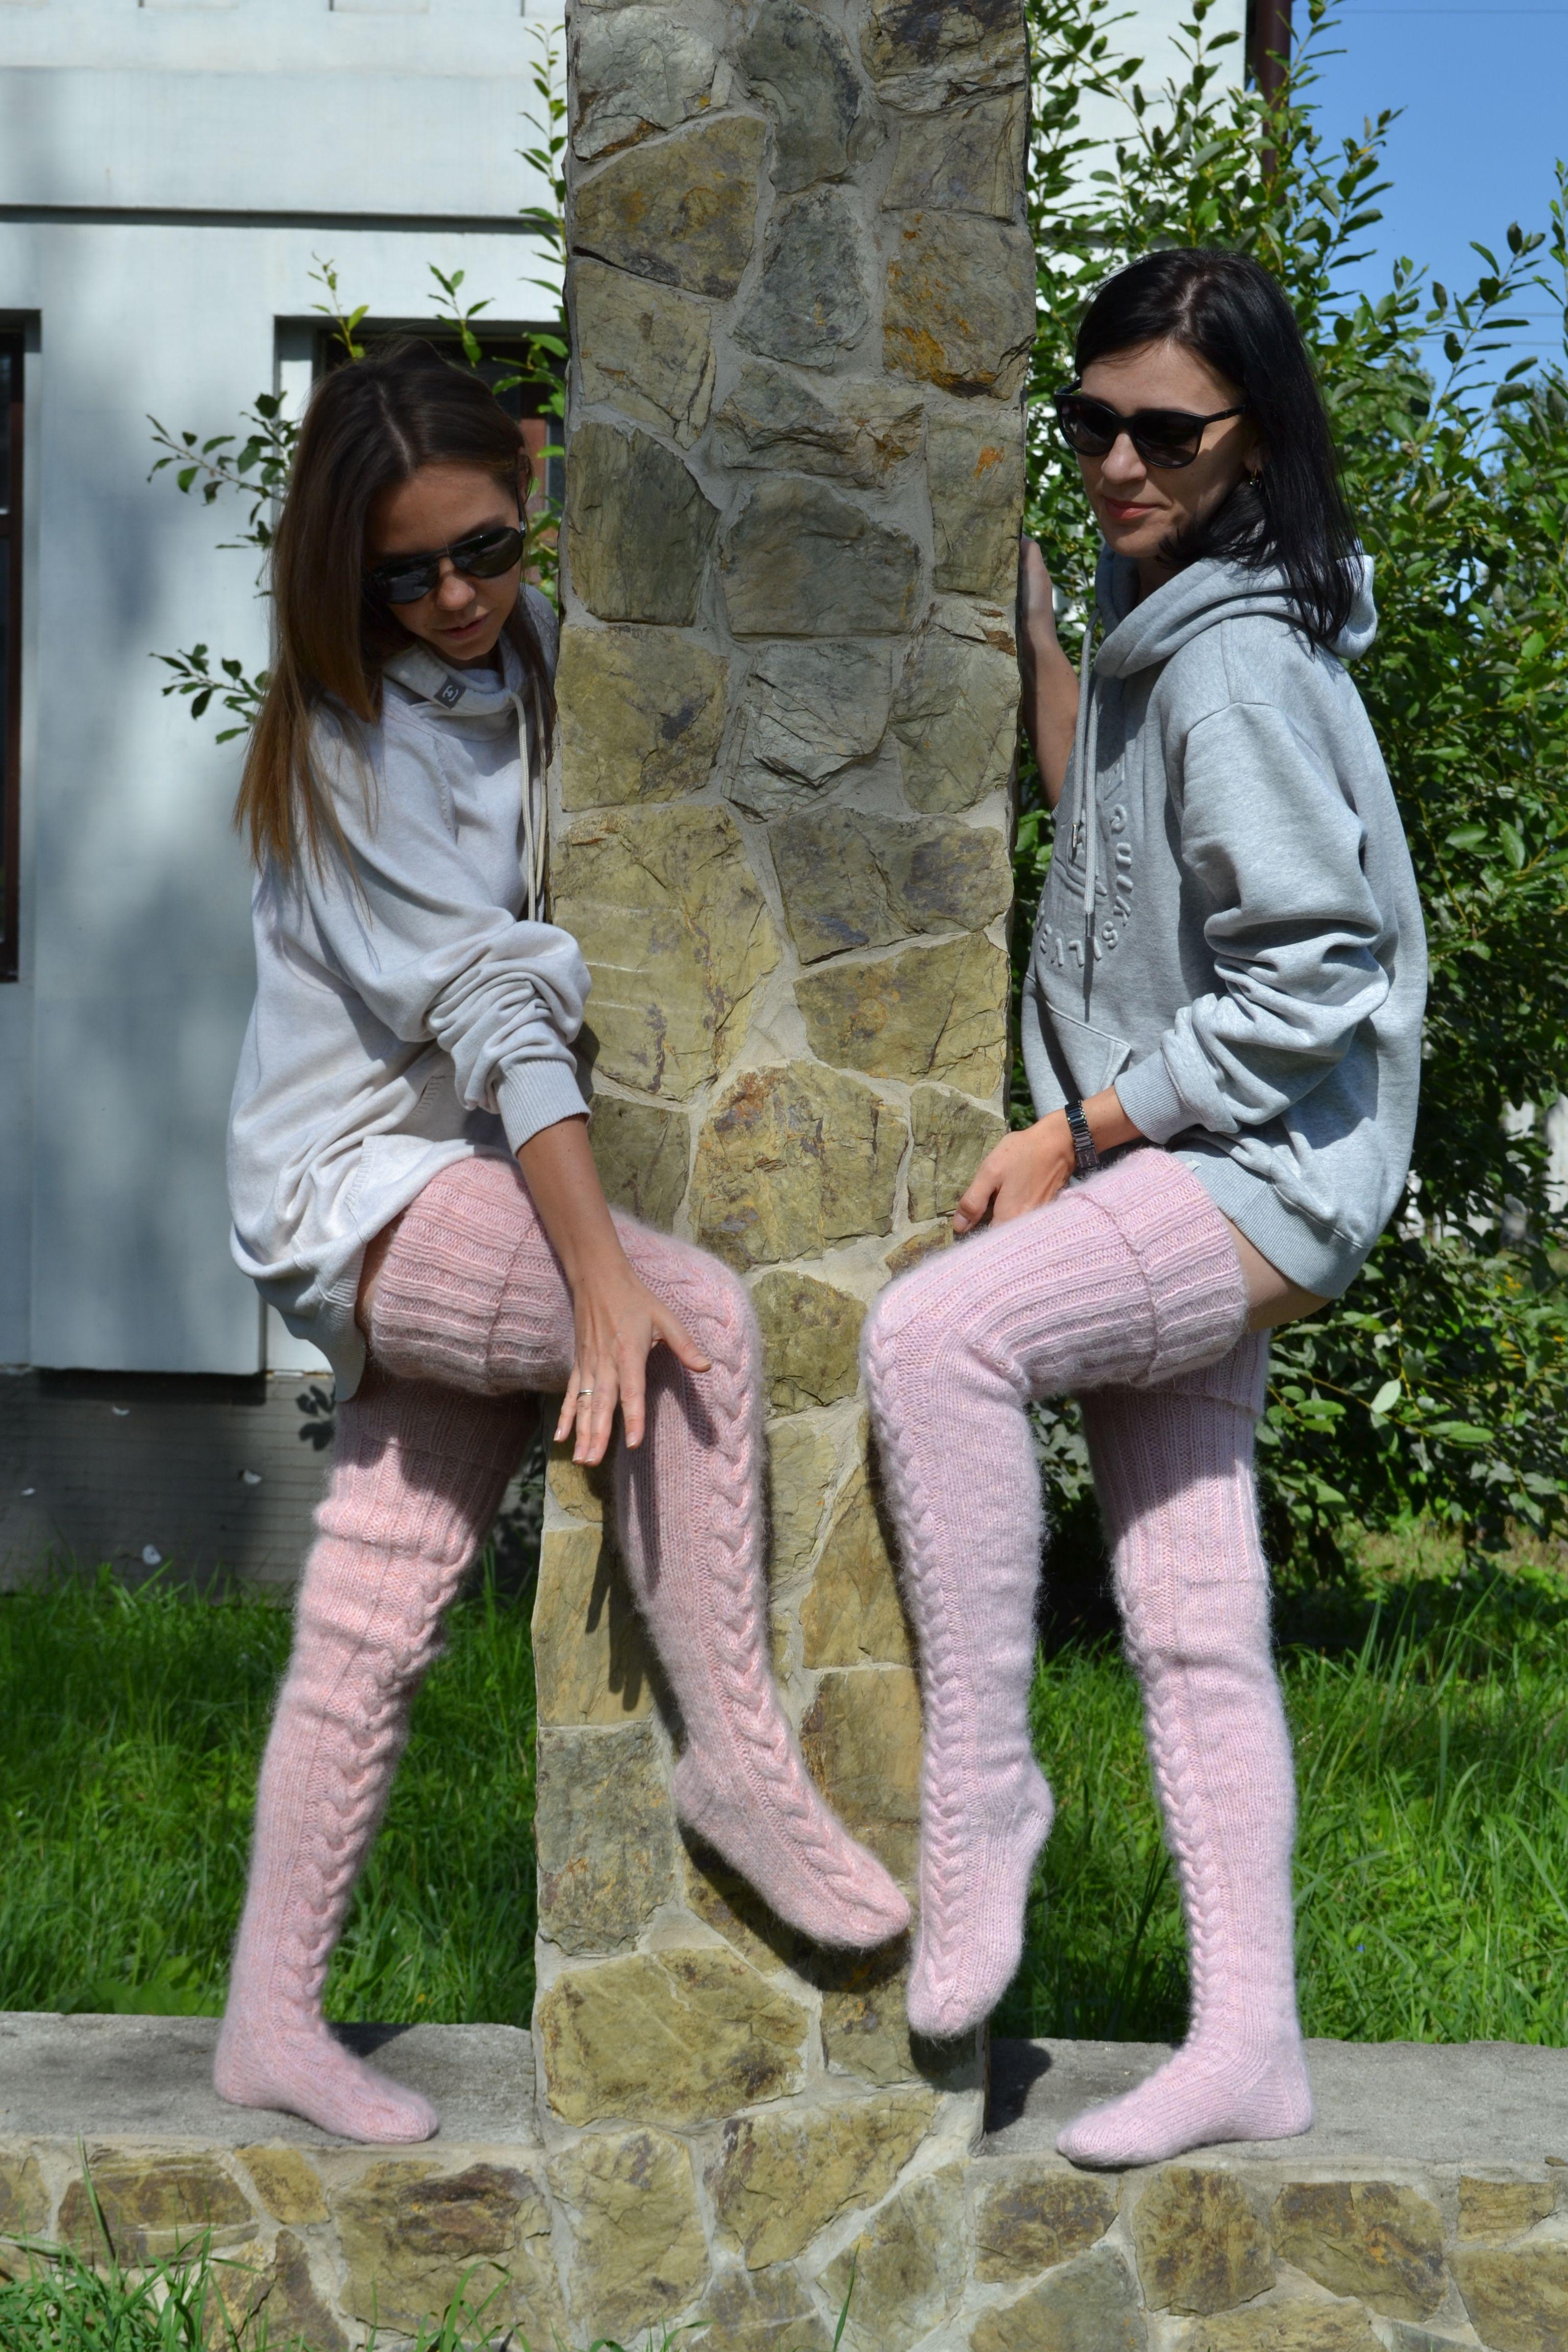 Women Winter Warm Leg Warmers Glitter Luxury Over The Knee Socks Leggings 4-7